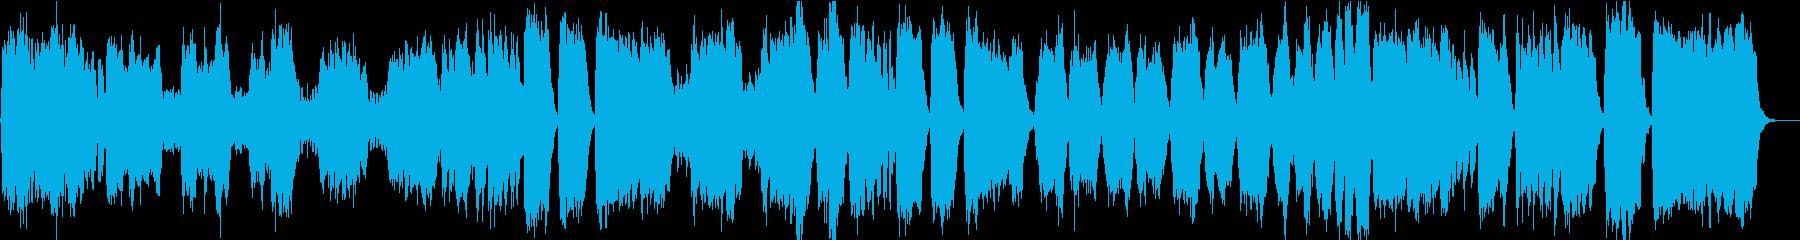 「ラ・ペリ」荘厳な式典向きファンファーレの再生済みの波形